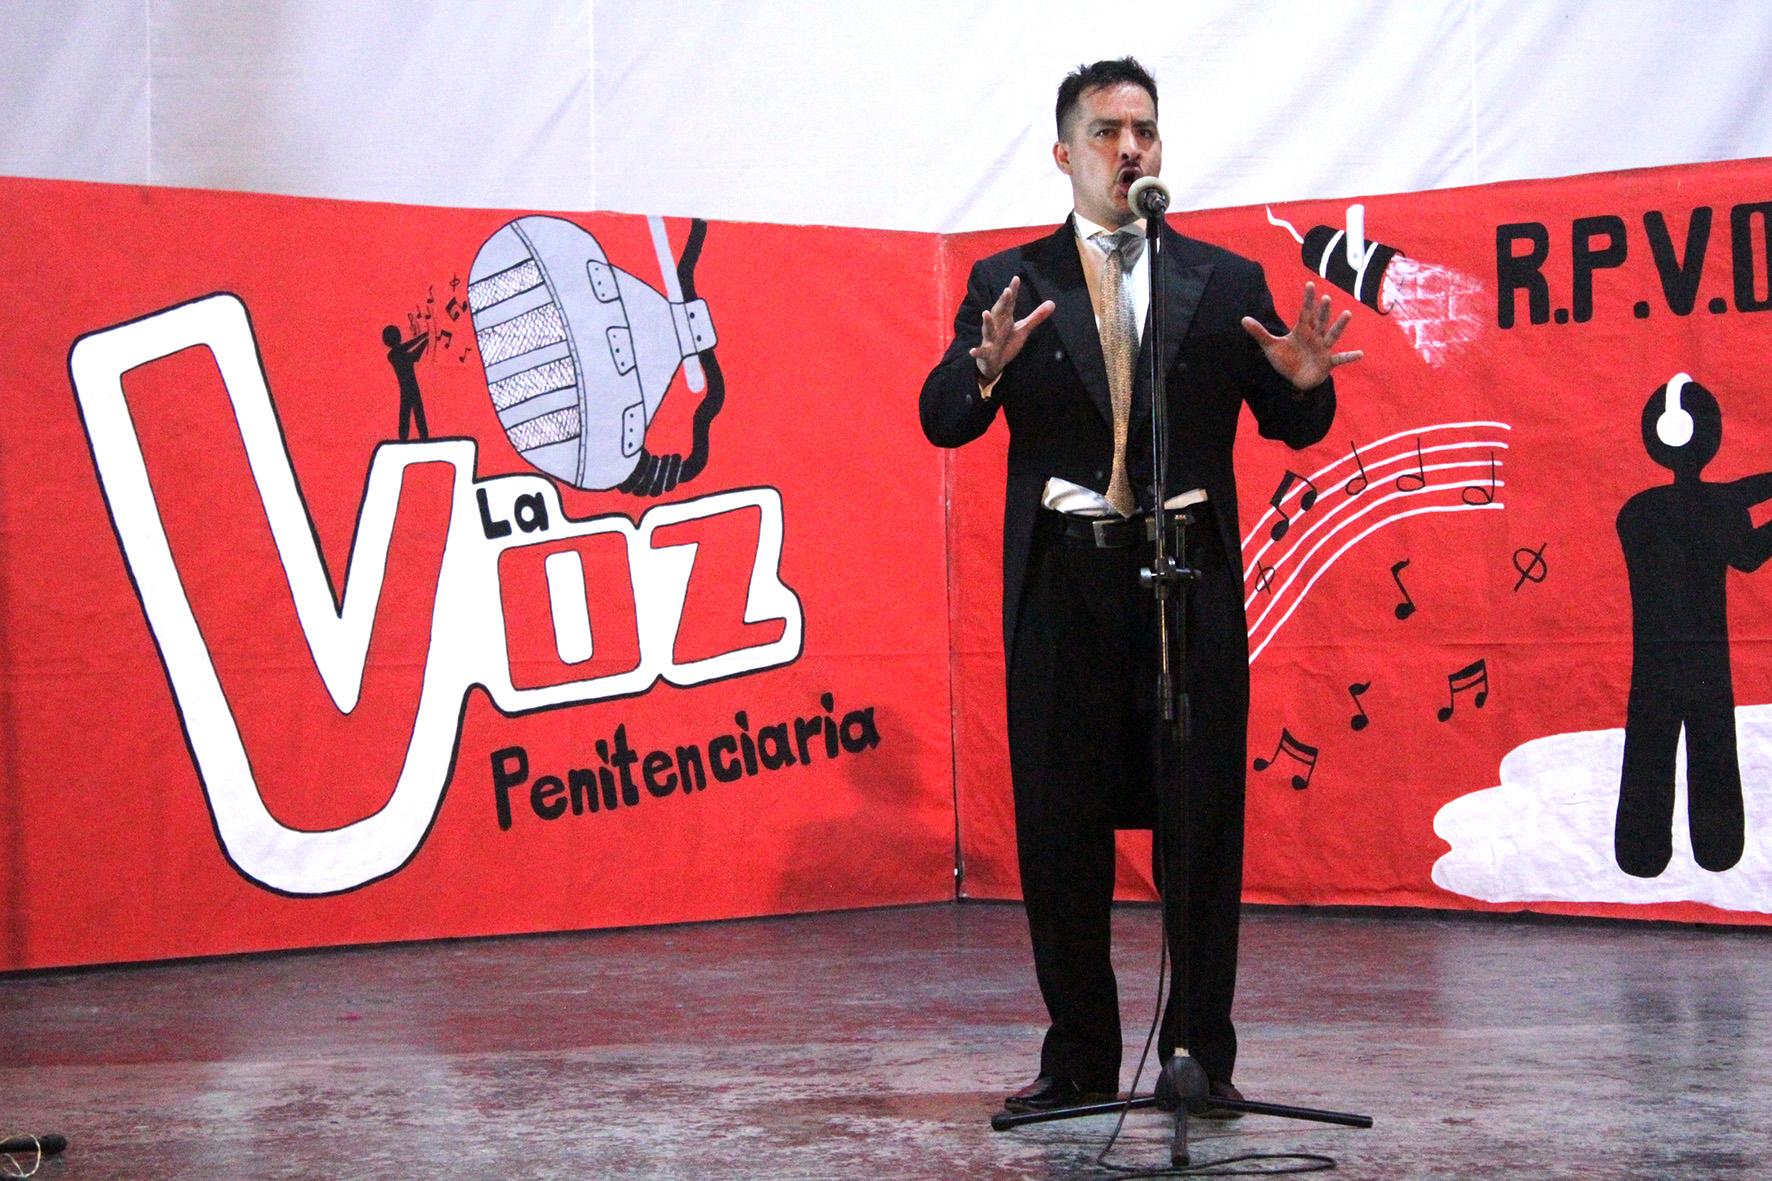 LA VOZ 1.JPG